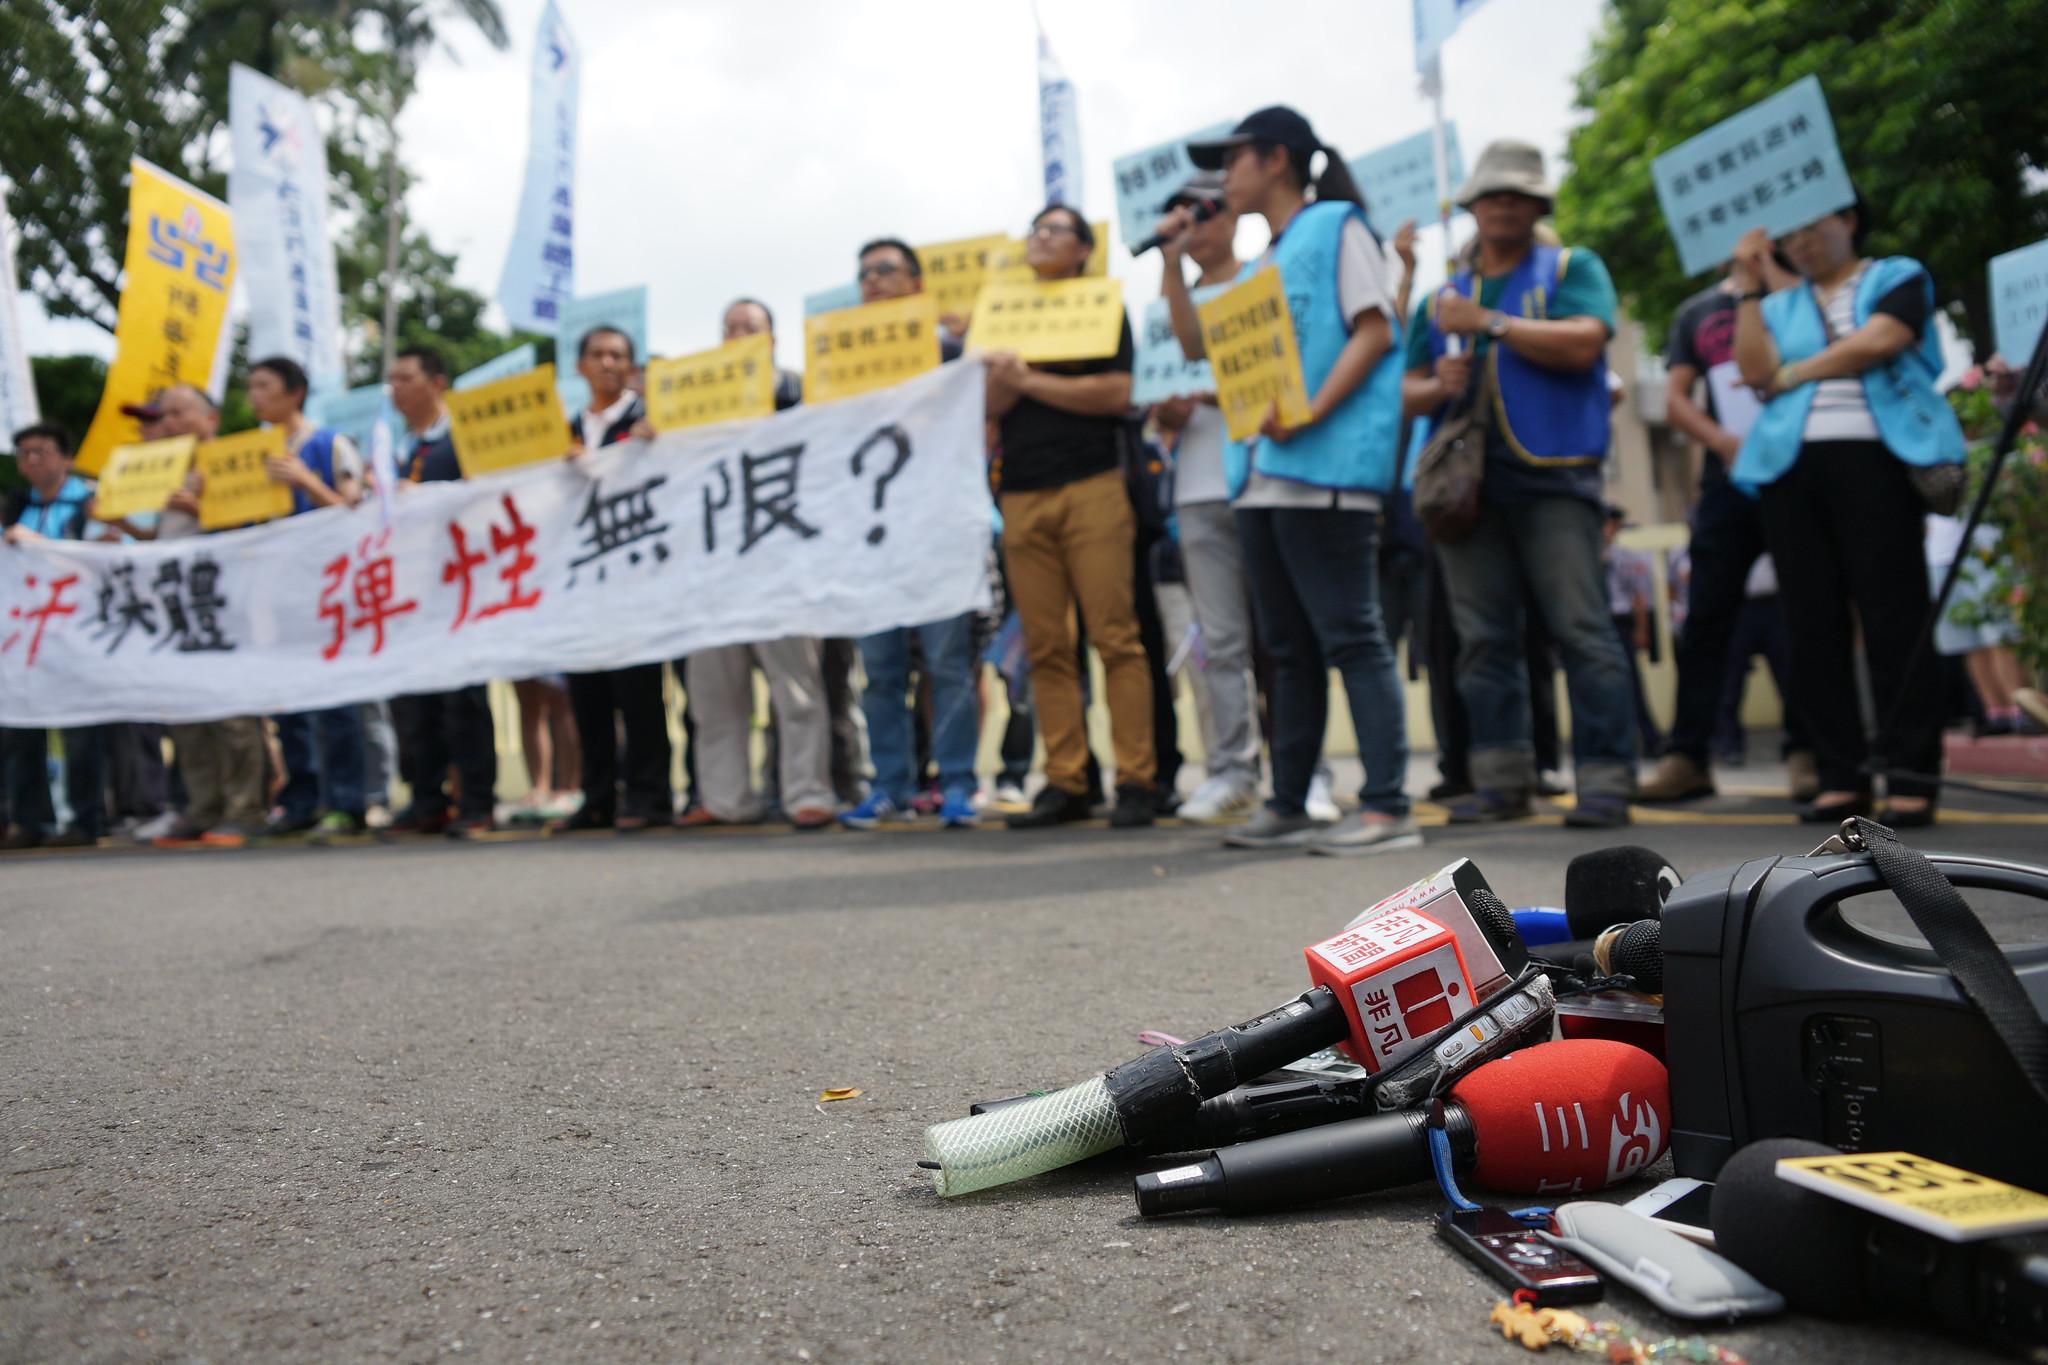 媒體工會呼籲落實「七休一」,批評政府偏袒資方。(攝影:王顥中)